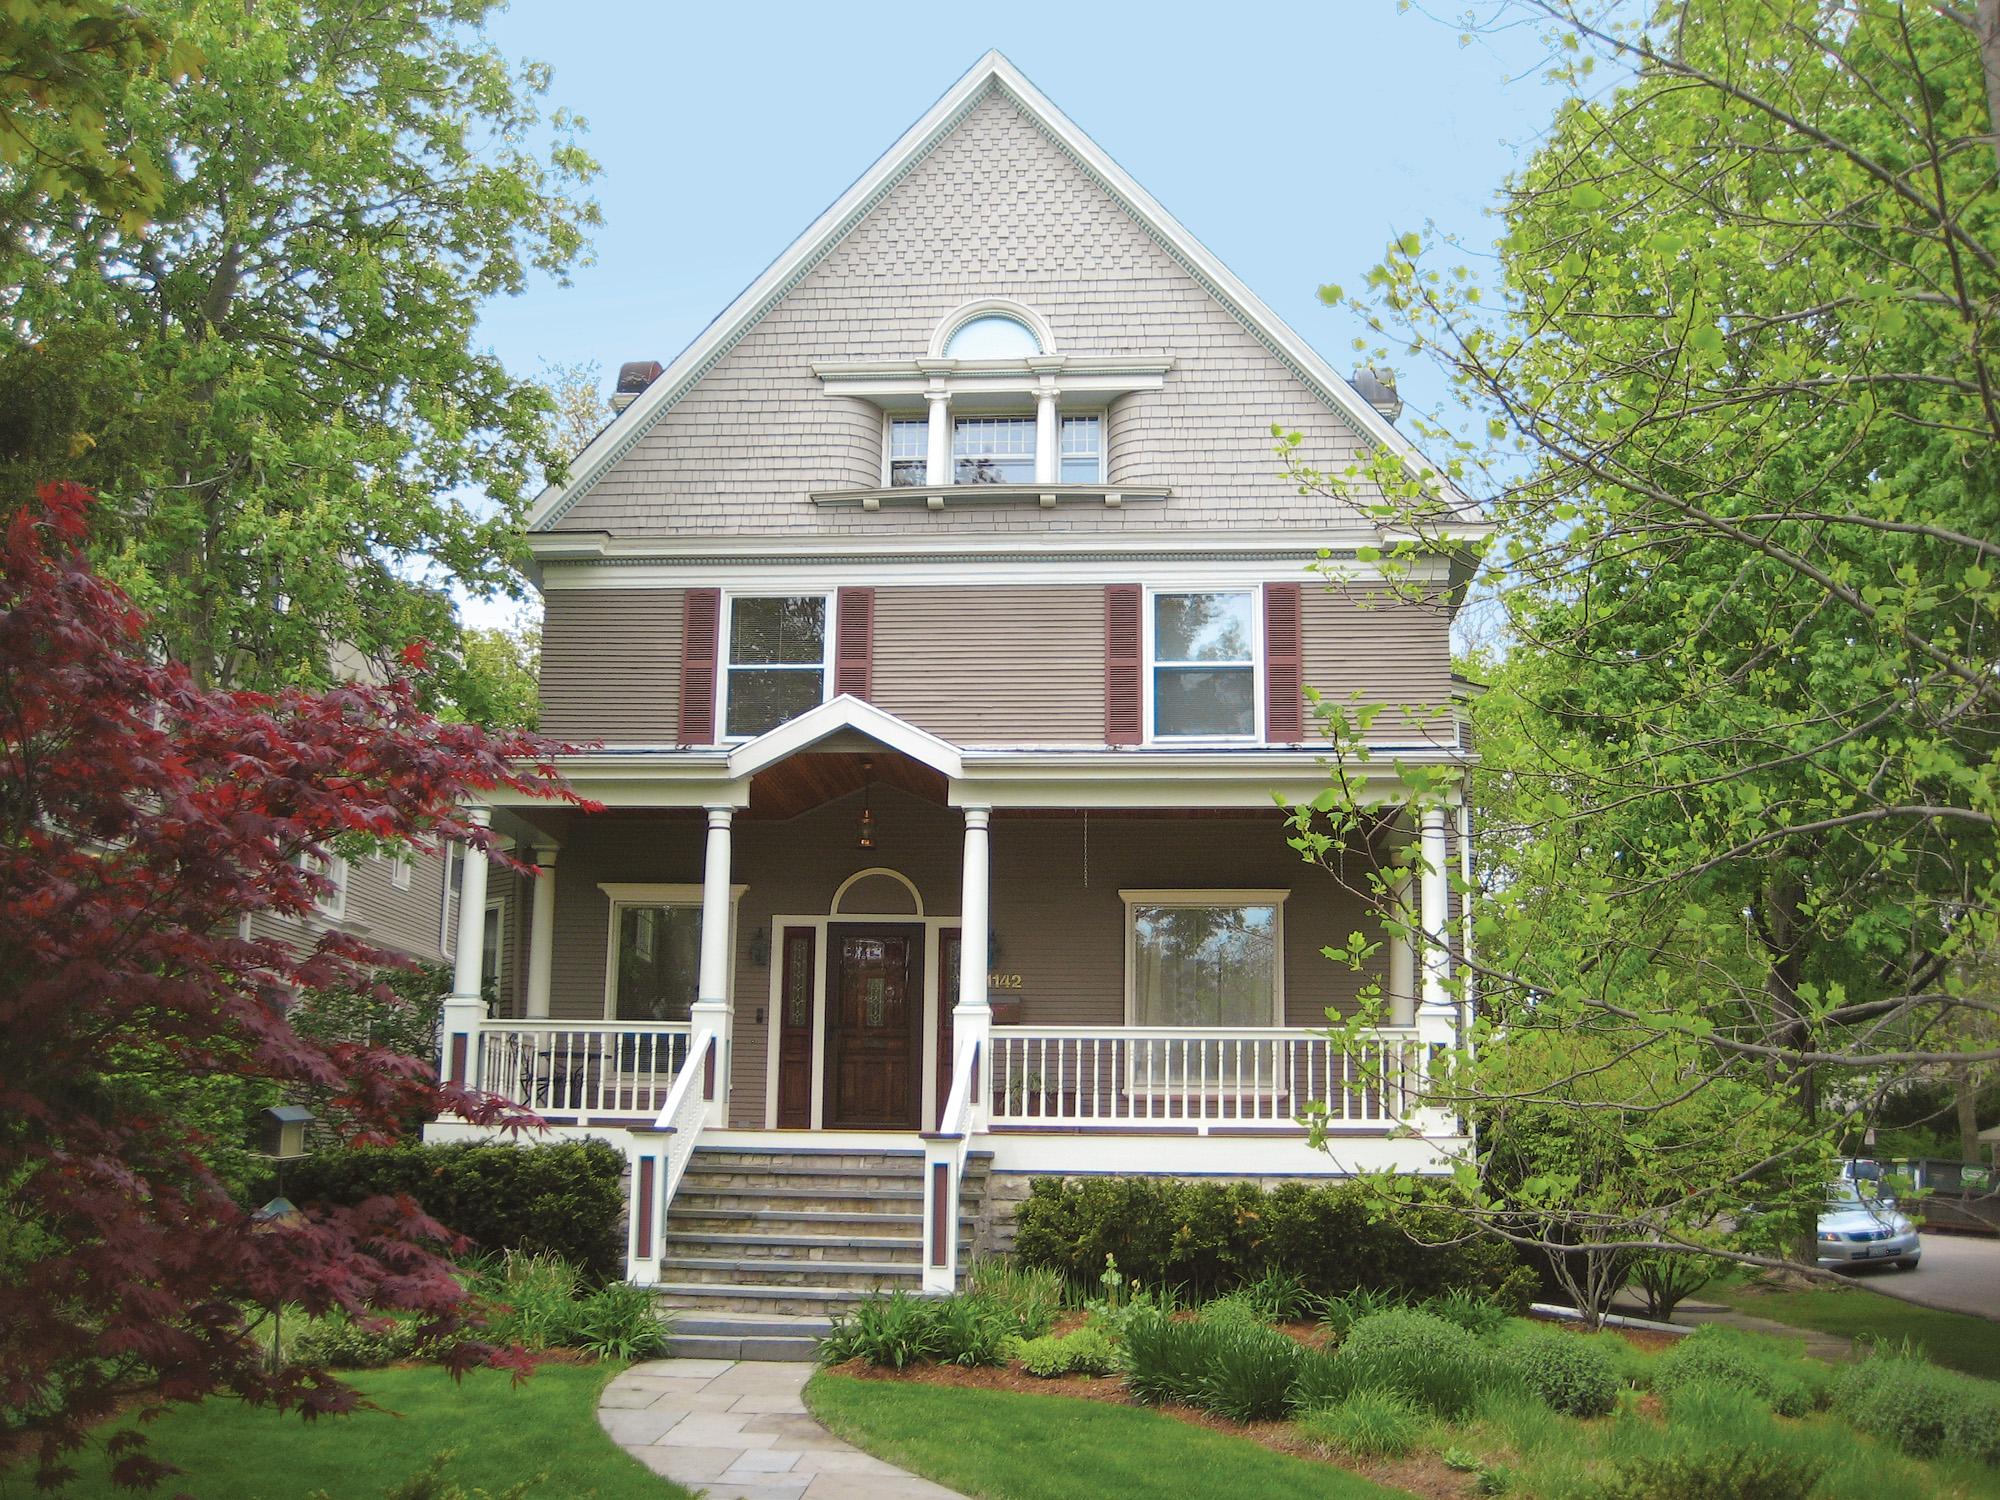 facade BEFORE S Cohen IMG_2764_gn